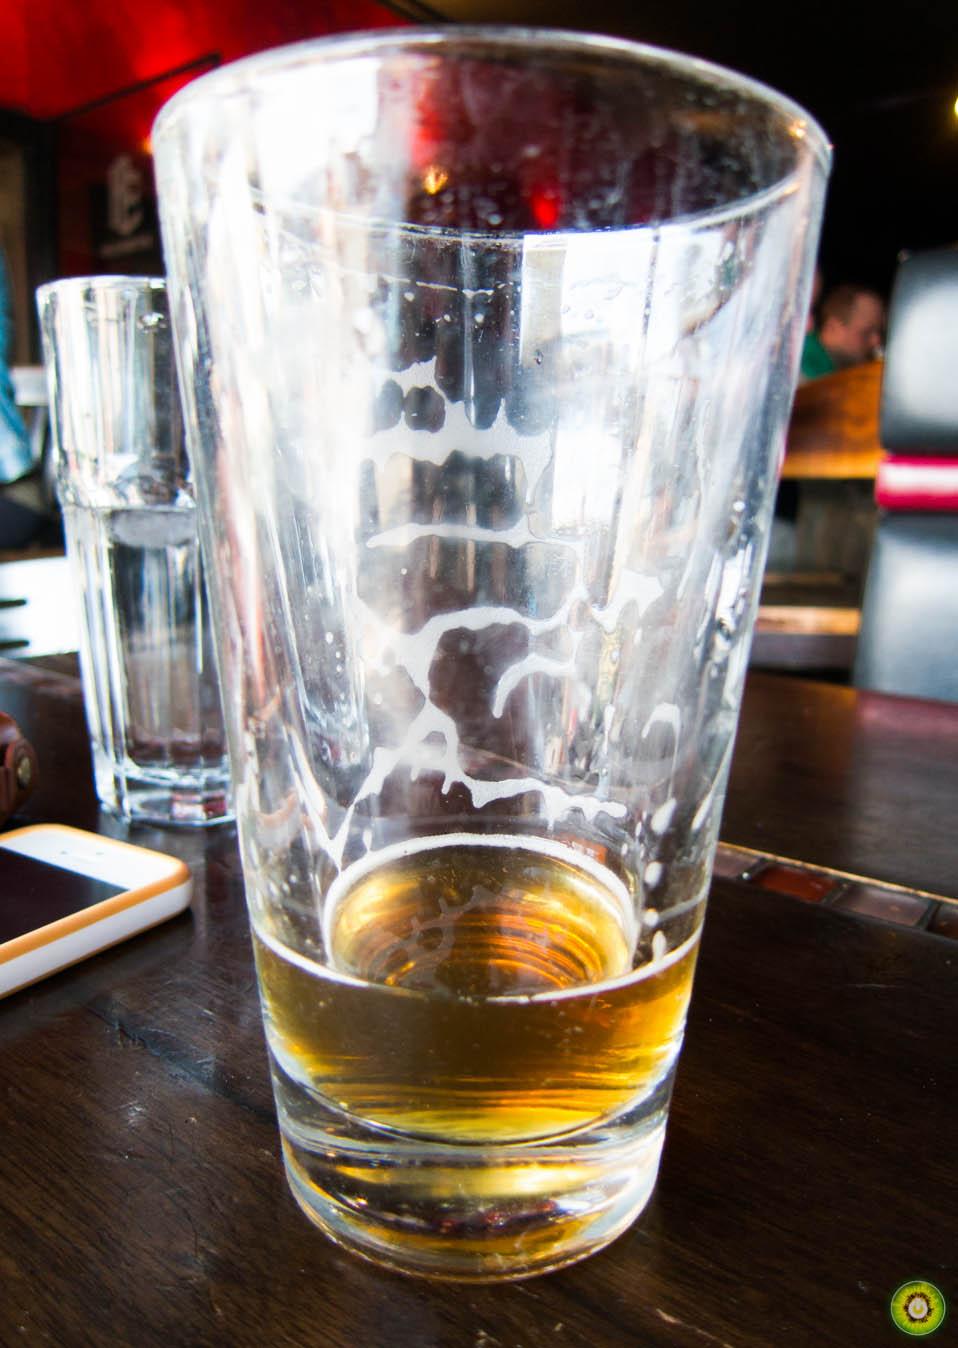 Phillips Beer's Blue Buck